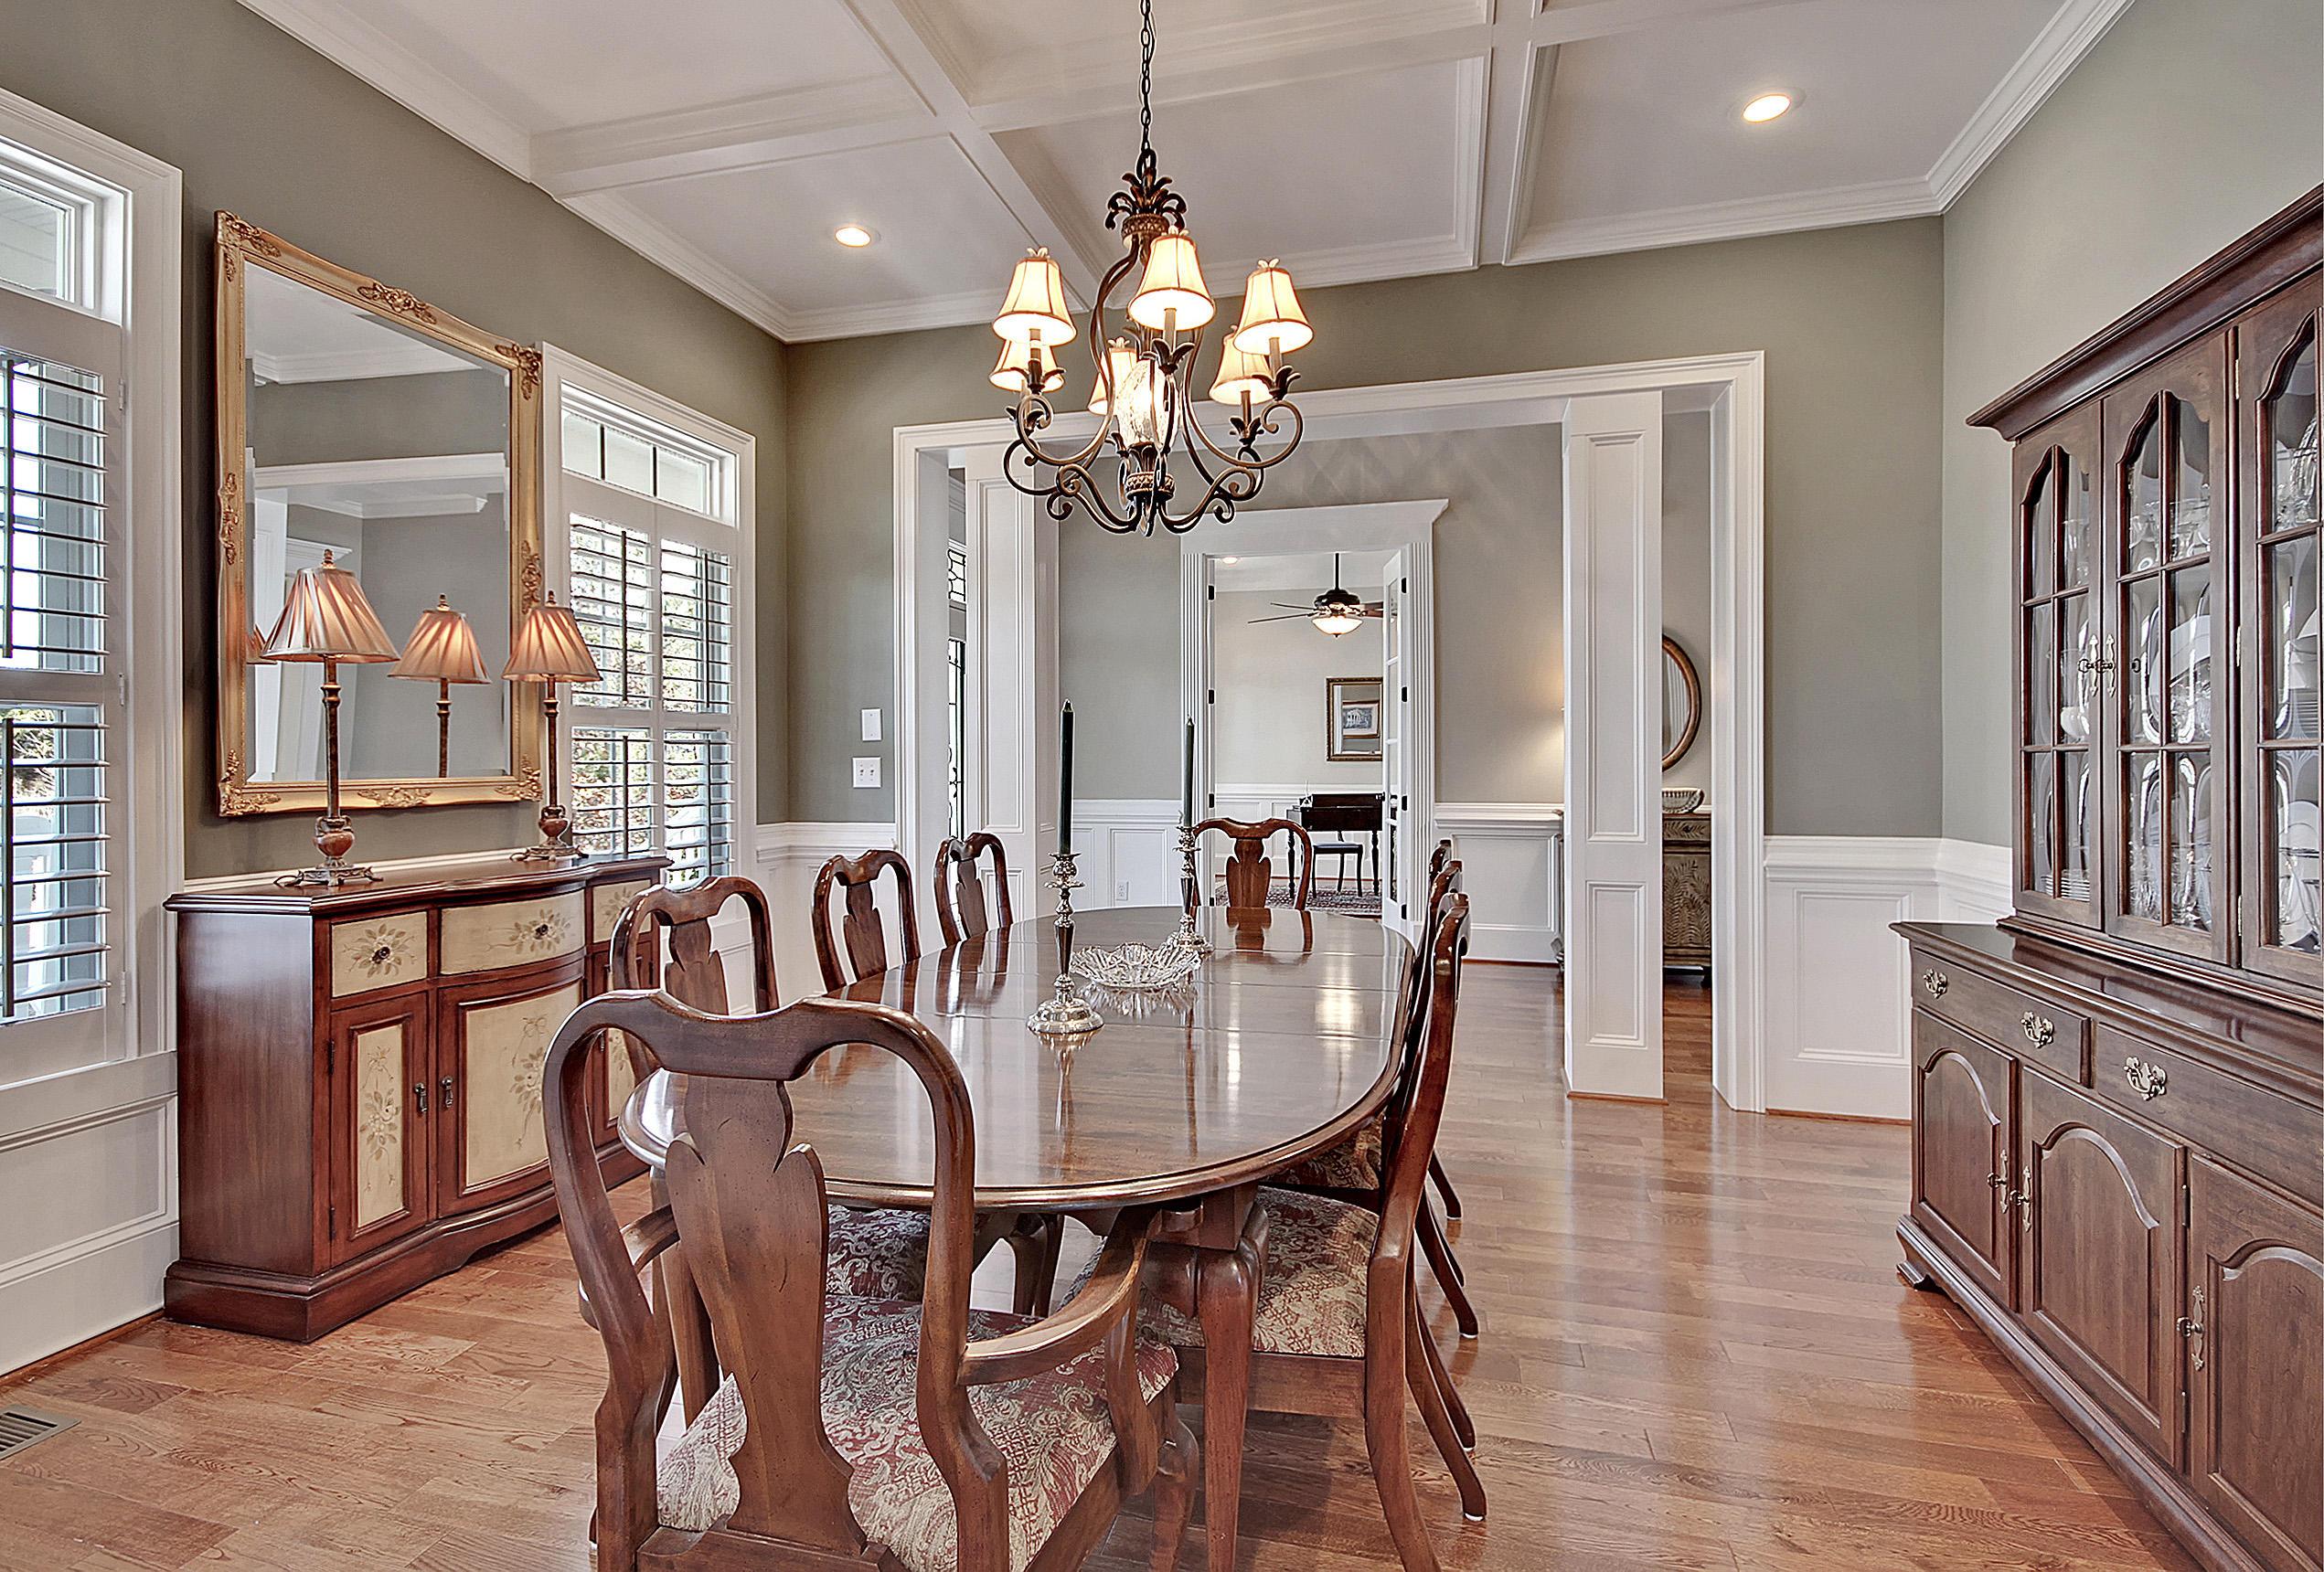 Dunes West Homes For Sale - 2721 Fountainhead, Mount Pleasant, SC - 8